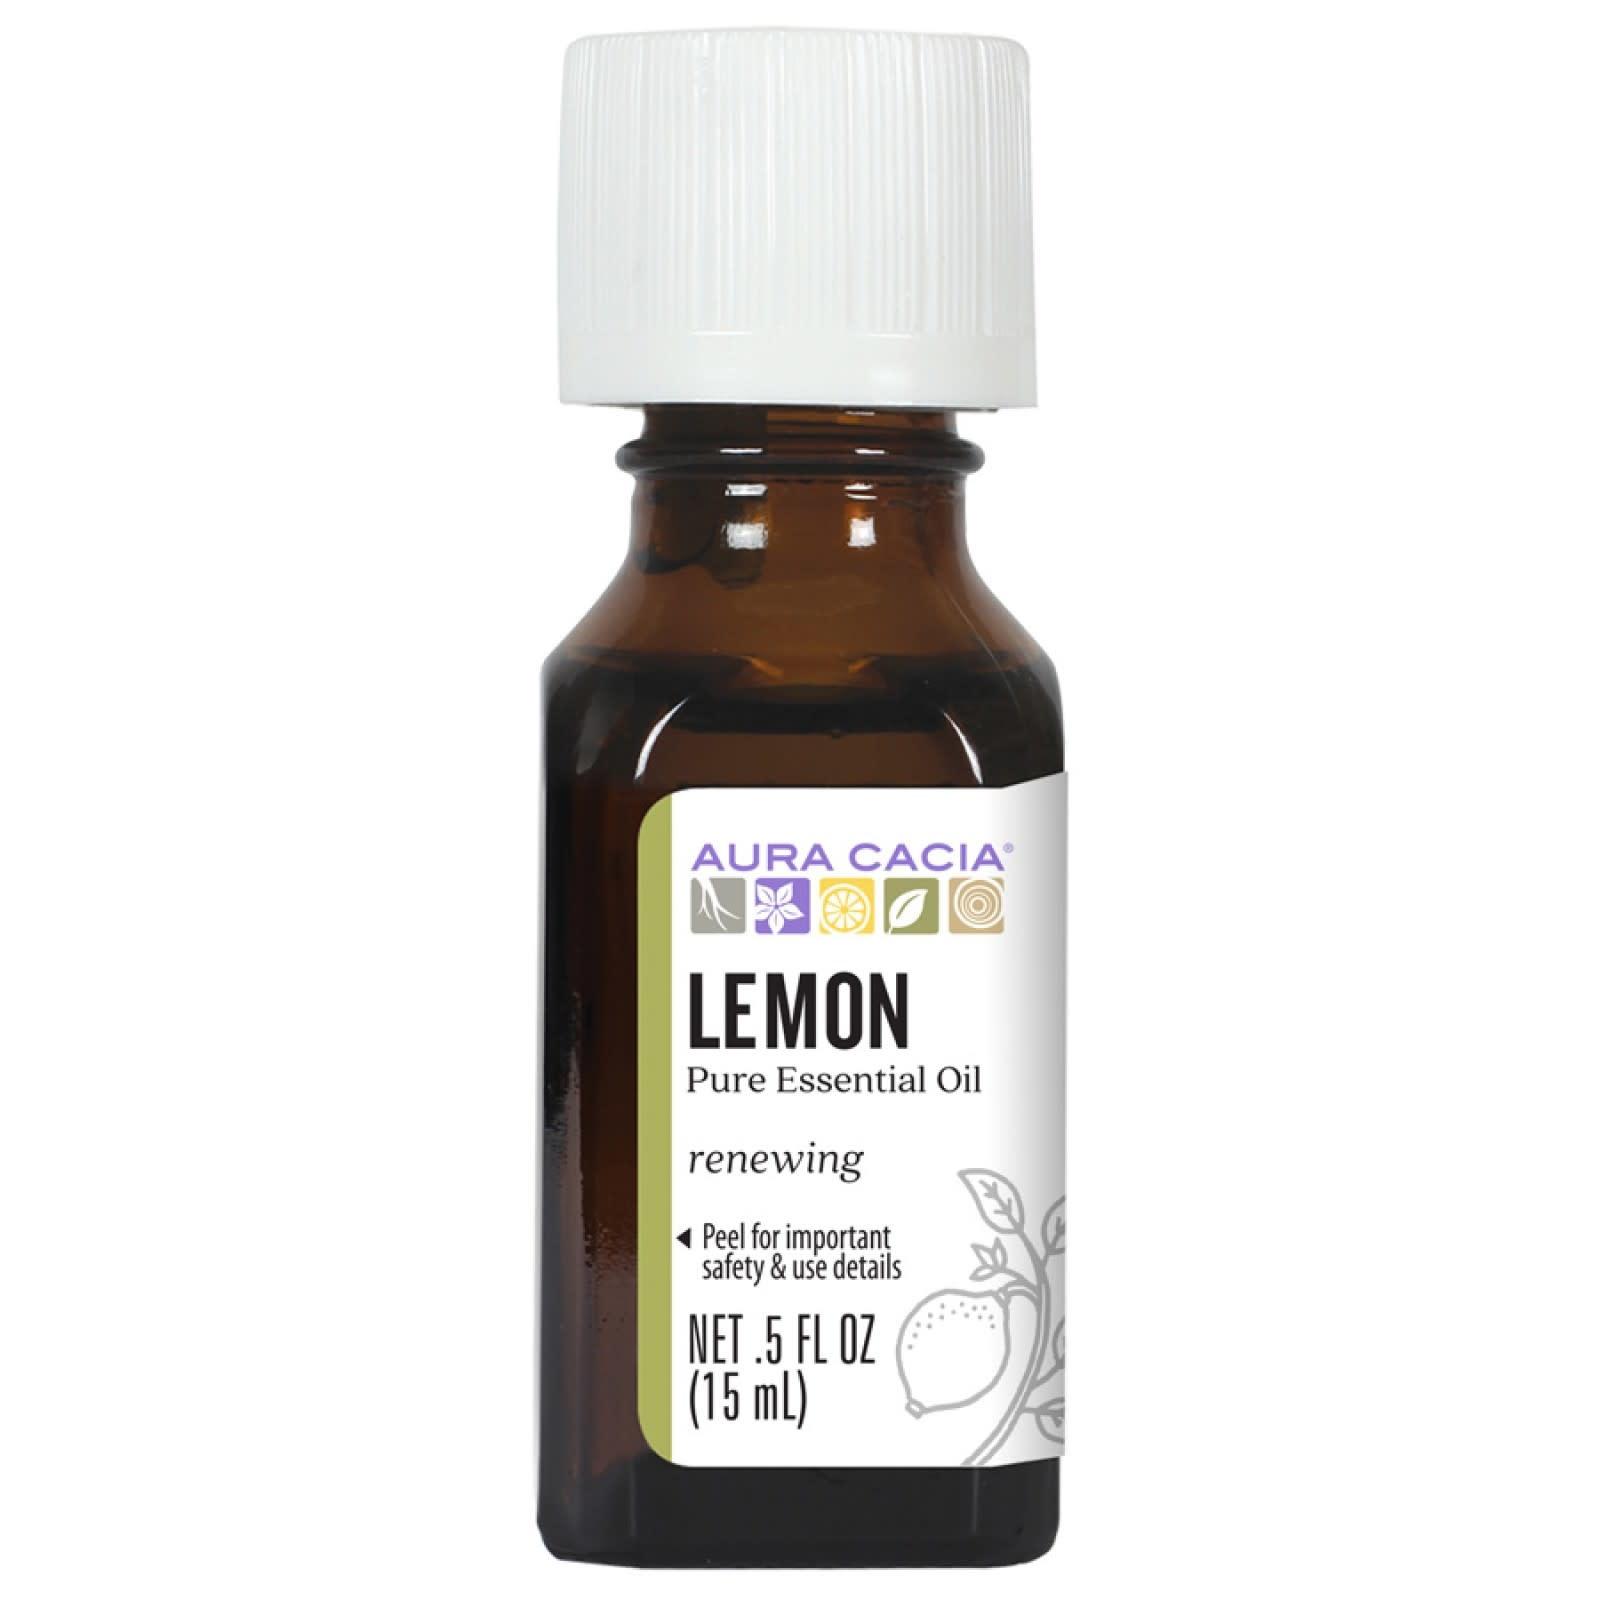 AURA CACIA Lemon Essential Oil 0.5 fl. oz.